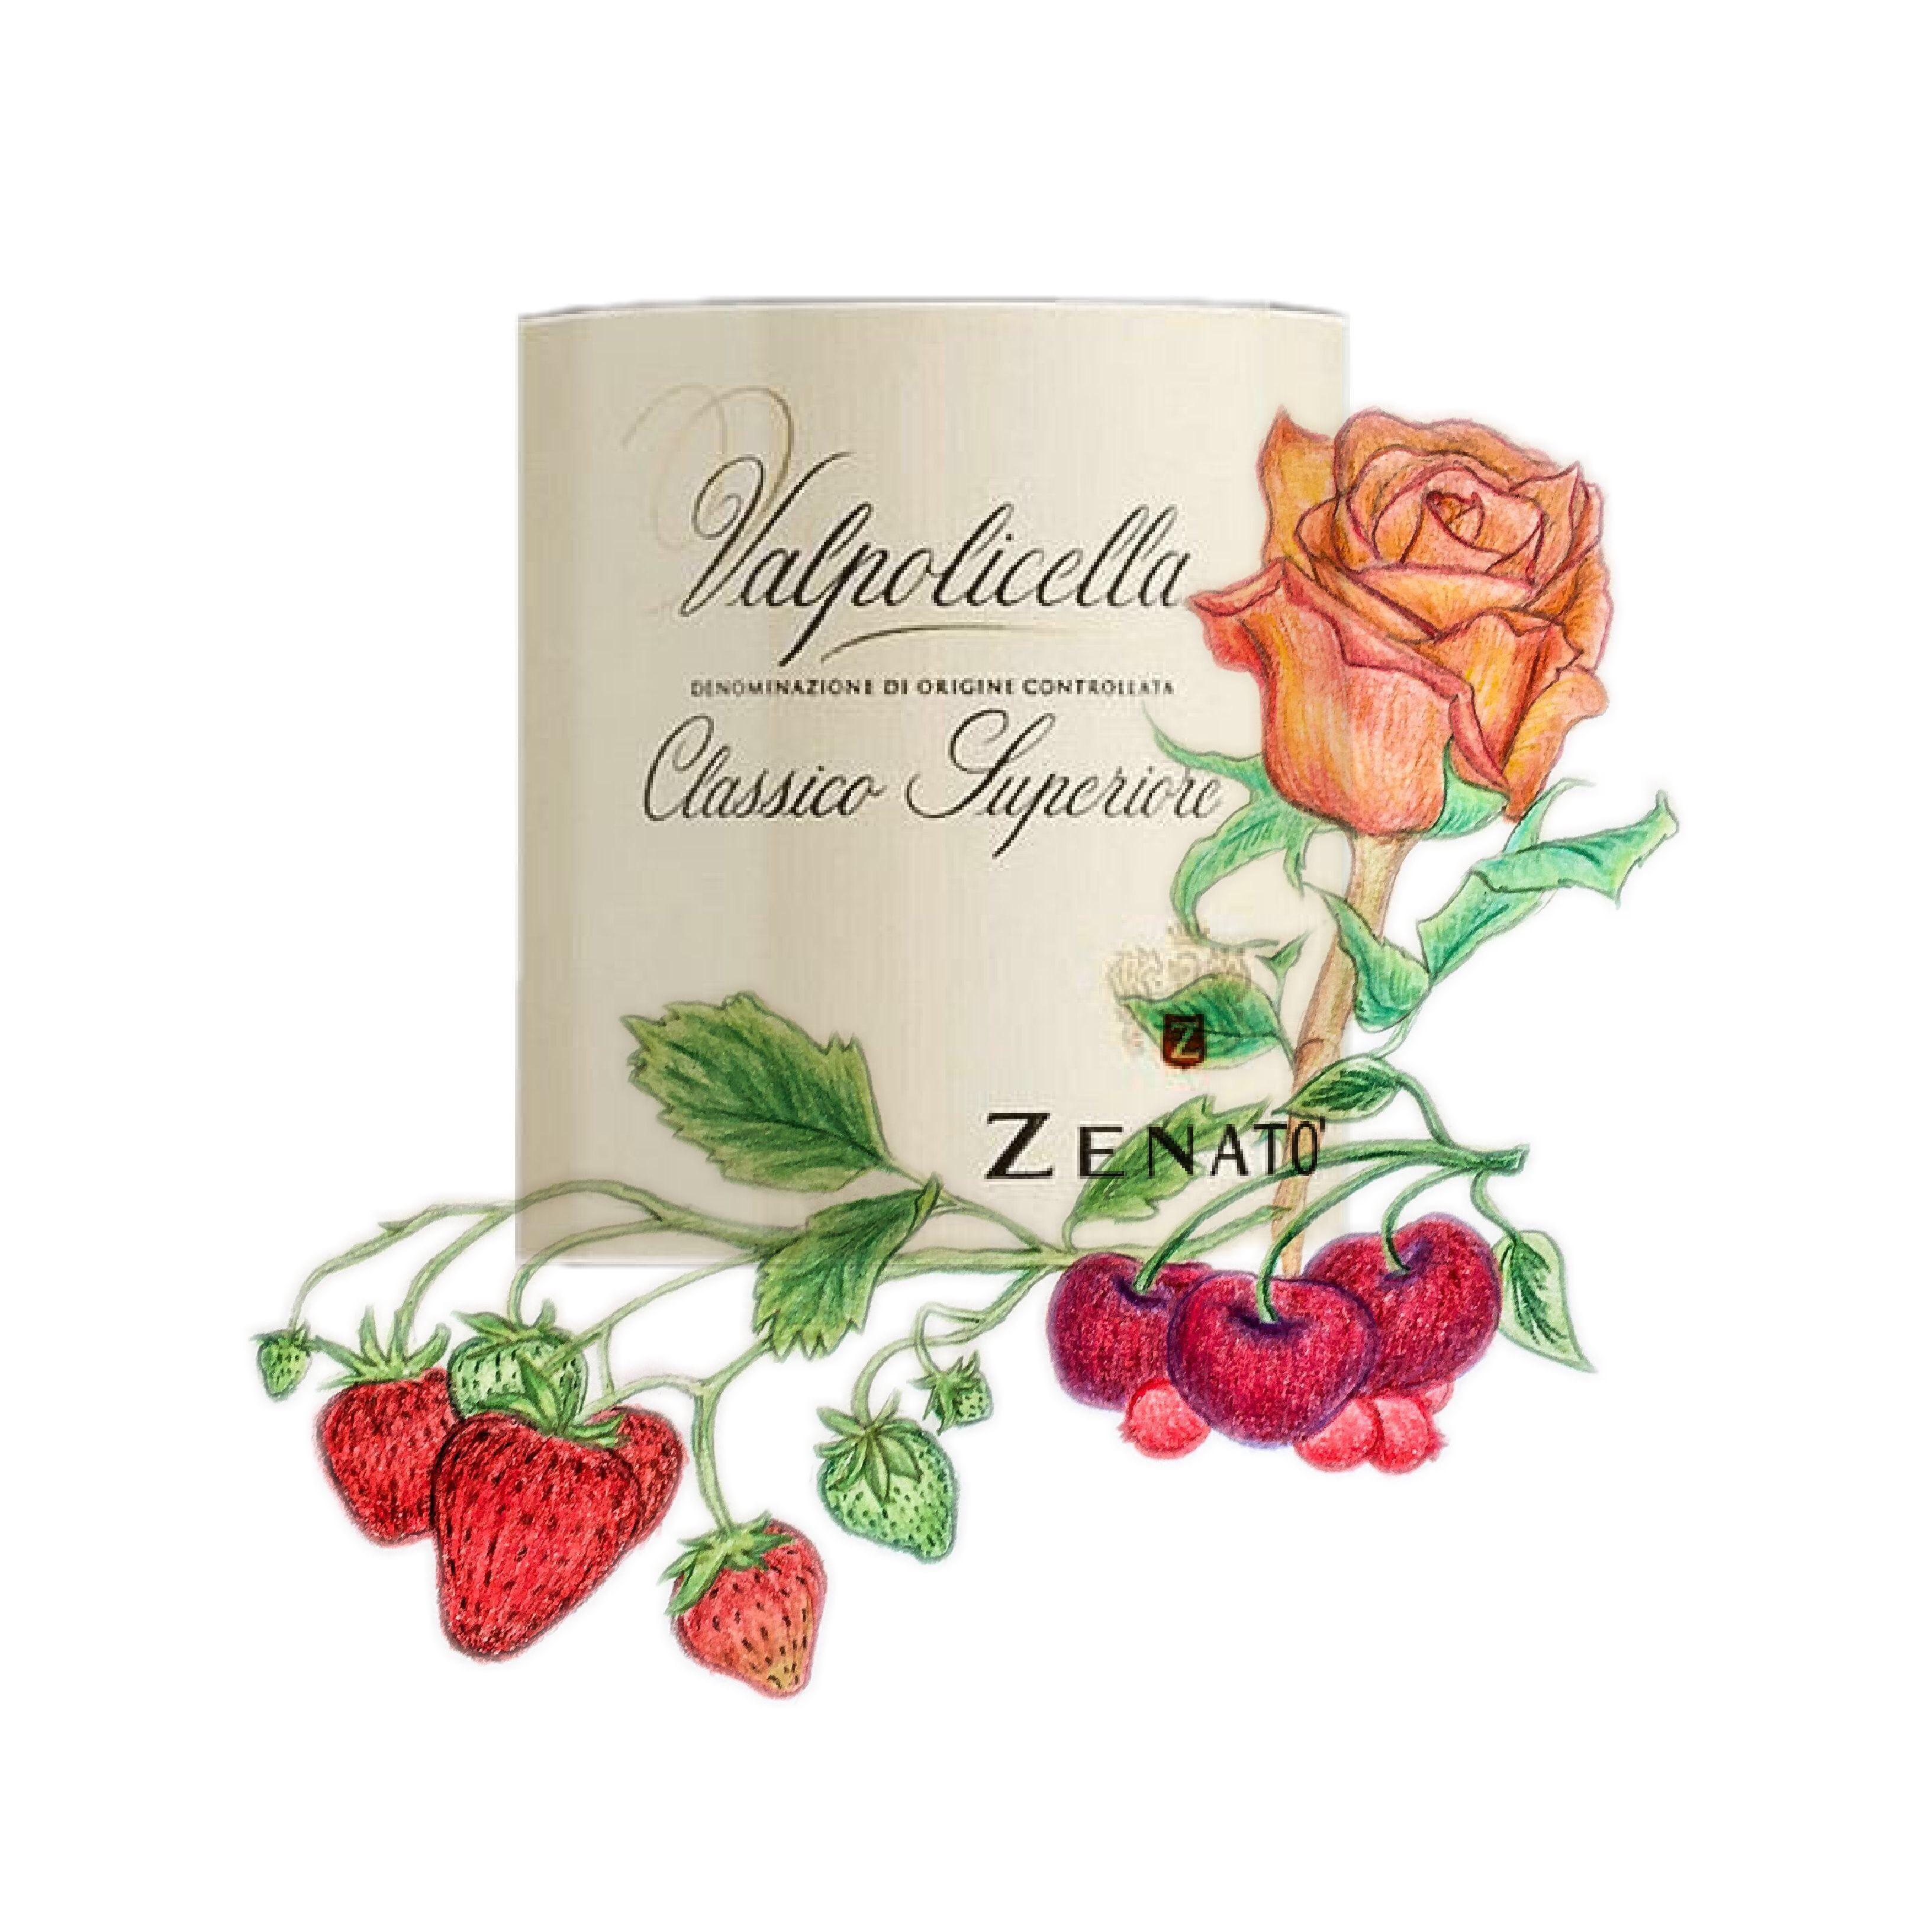 Cantina Zenato Valpolicella Classico 2015 illustration and wine label